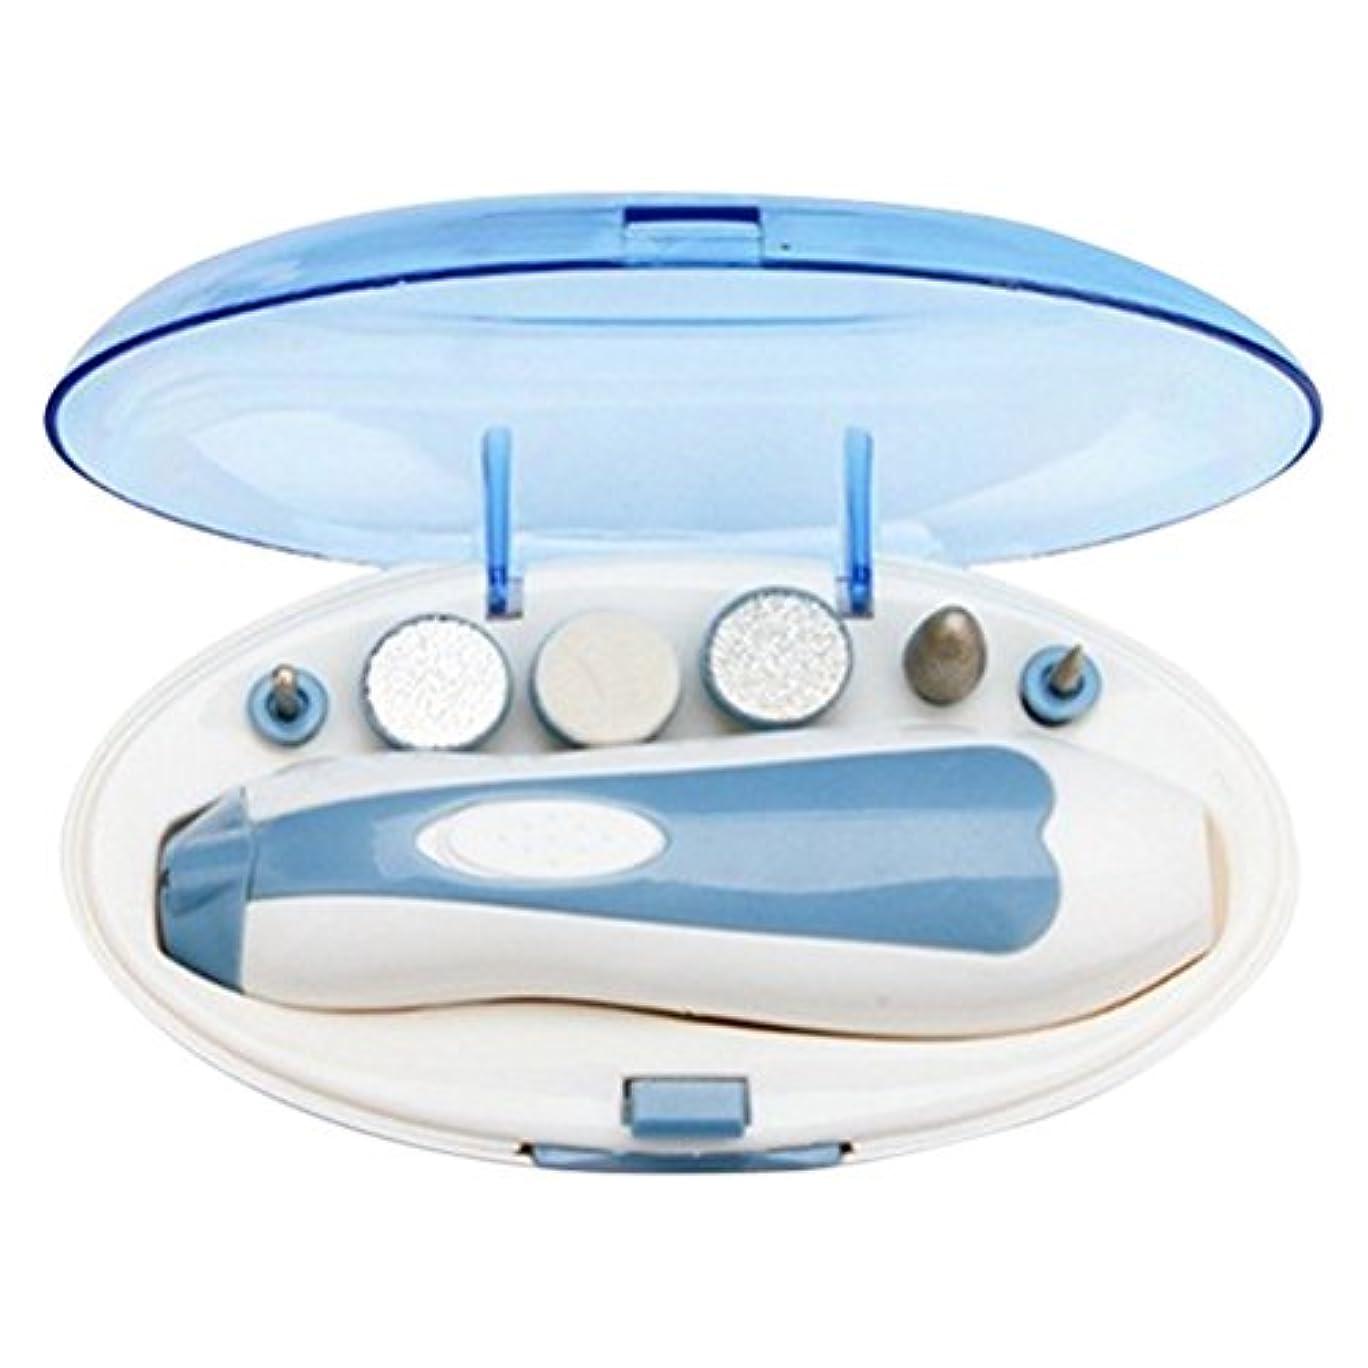 蜂注入増幅する電動式ネイルケア ネイルマシン ネイルマシーン電動爪磨き 電池式 LEDライト搭載 アタッチメント6種類付き 甘皮 角質除去  持ち運び便利 ブルー ケース付